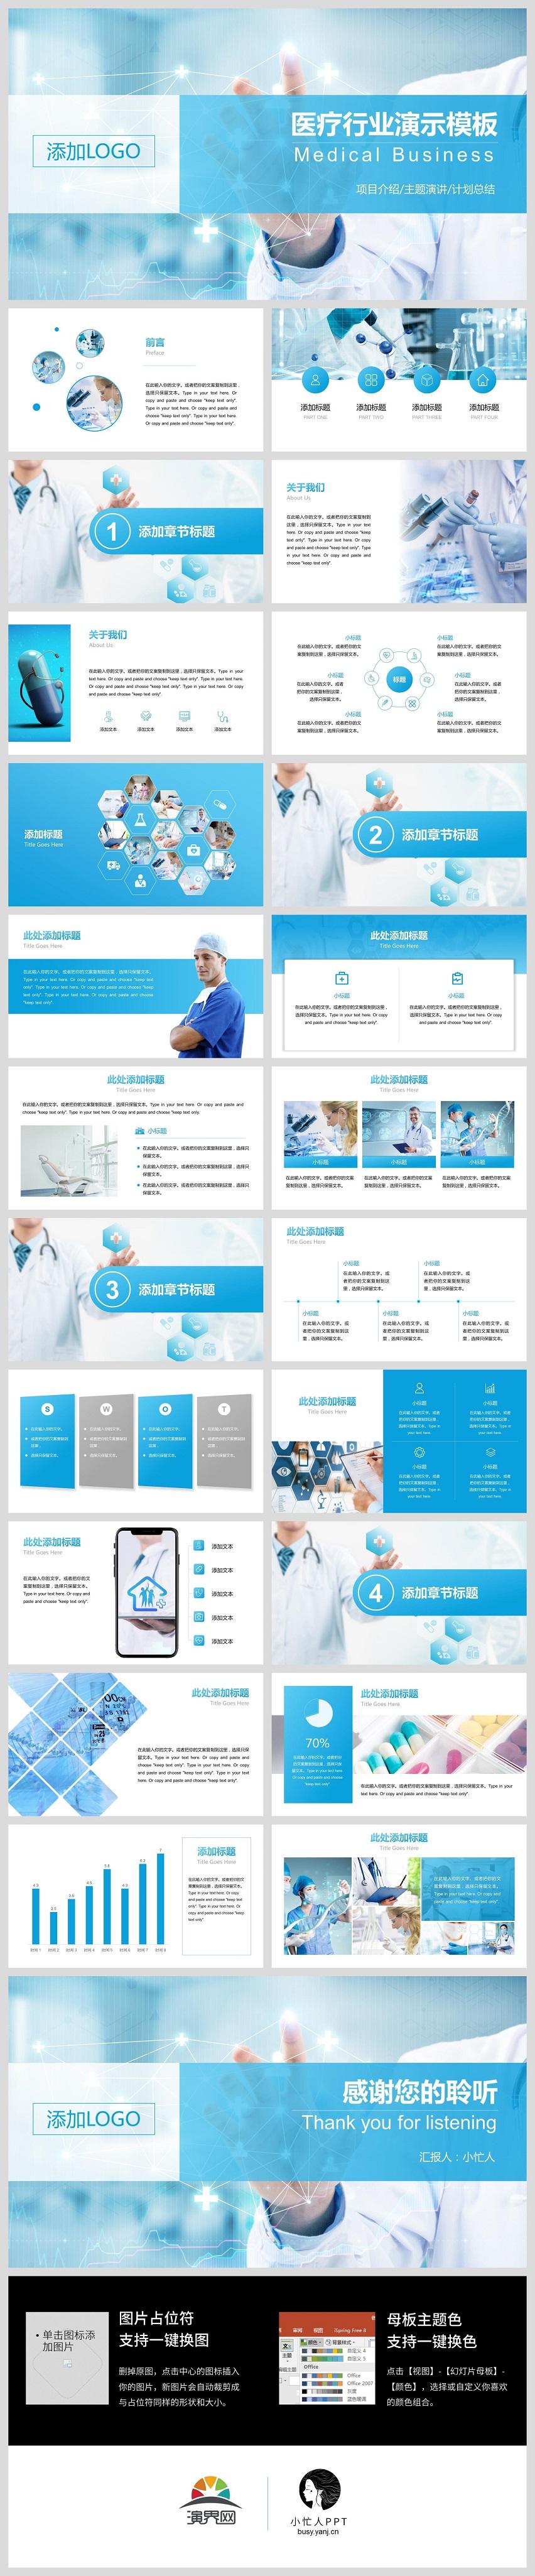 医药医疗卫生健康项目介绍计划总结主题演讲模板